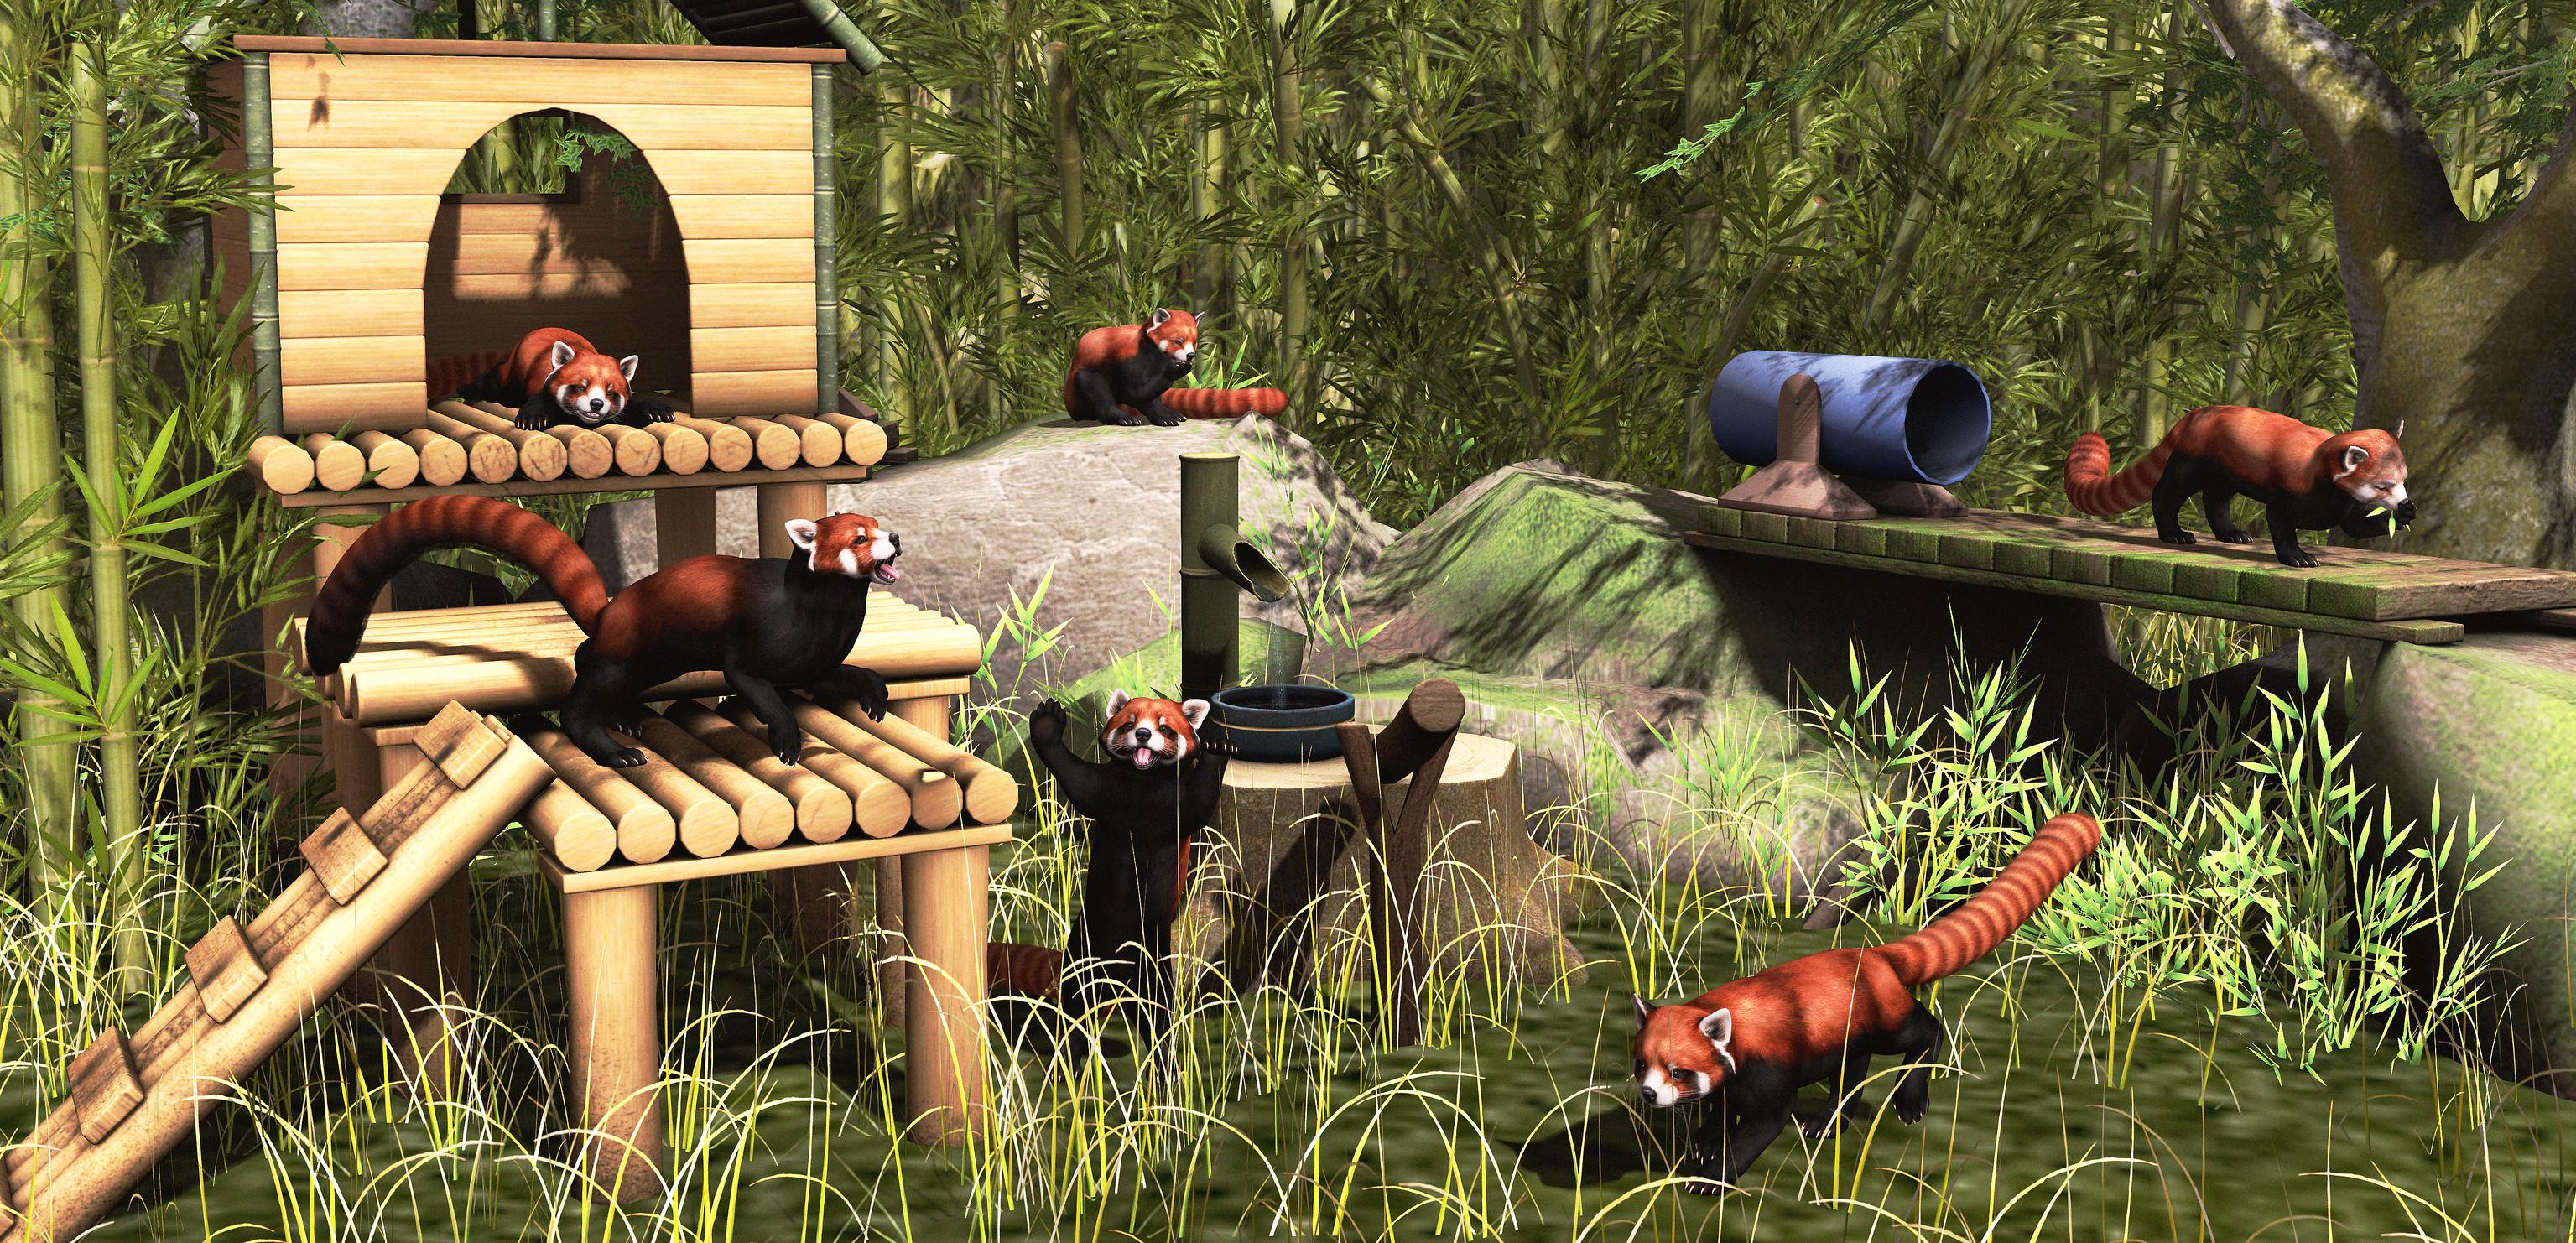 Red Pandas at Play